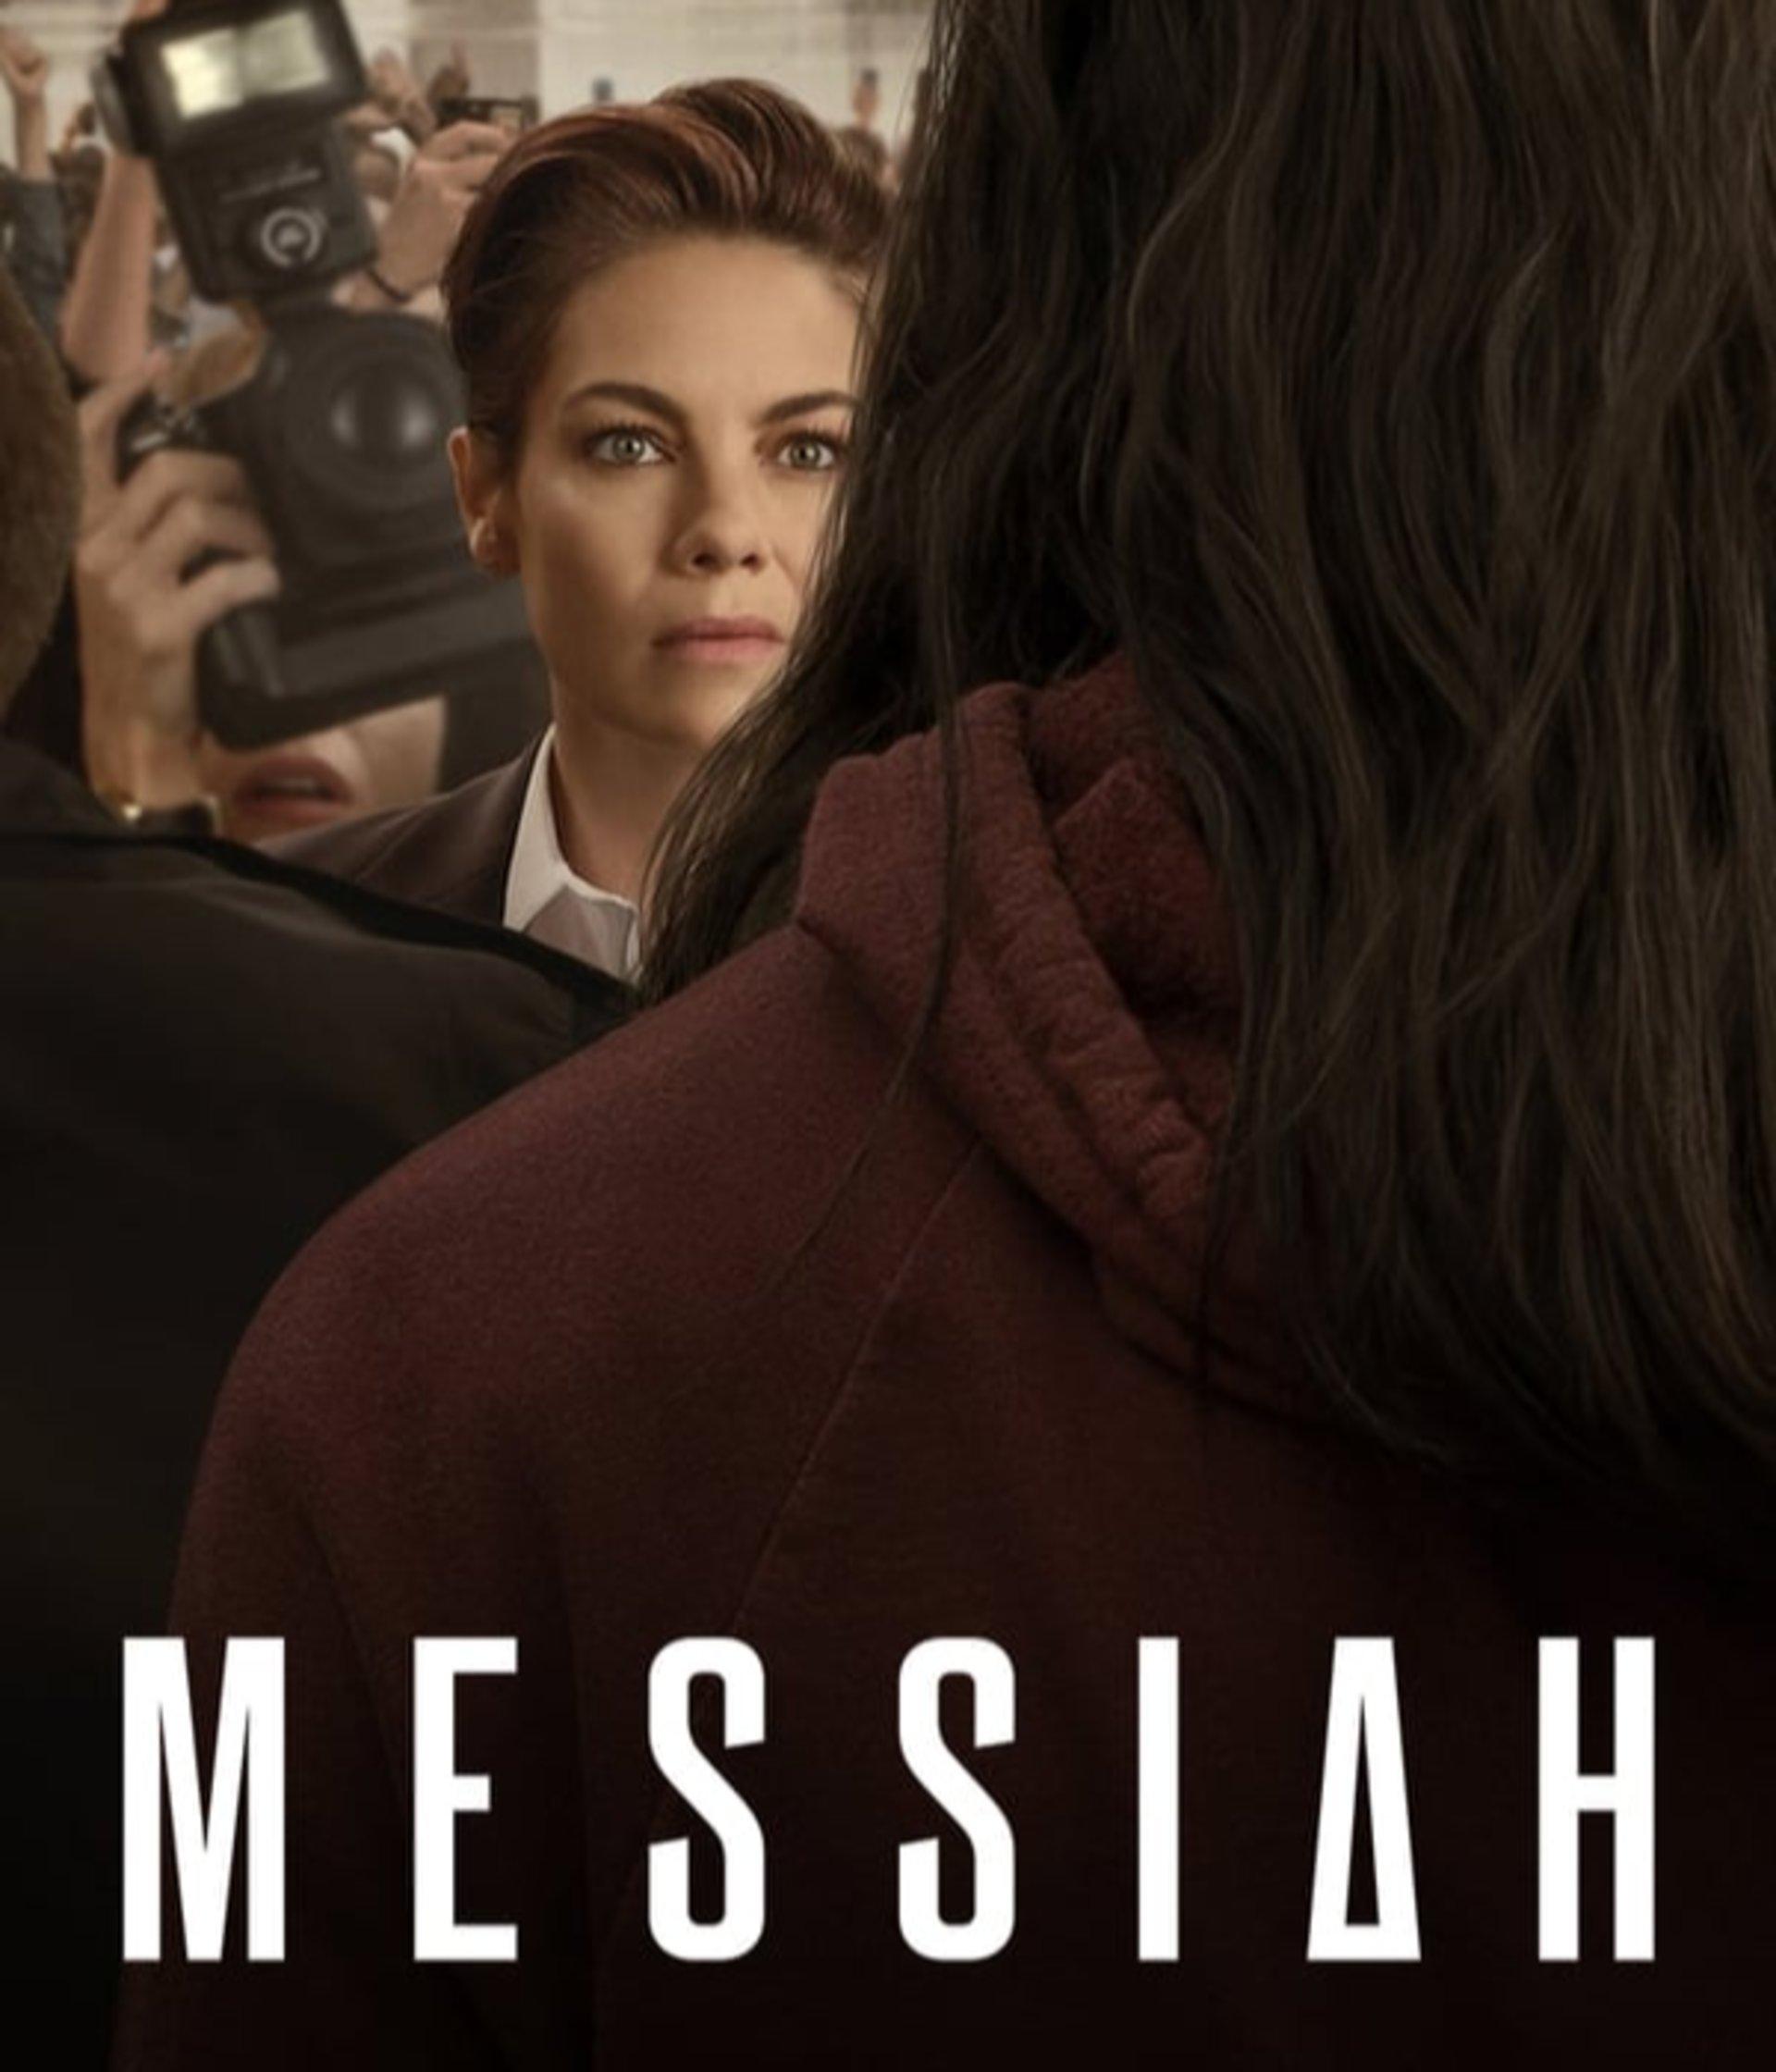 Film Messiah 2020 Quality Bluray Sub Indo Ramesigana Com